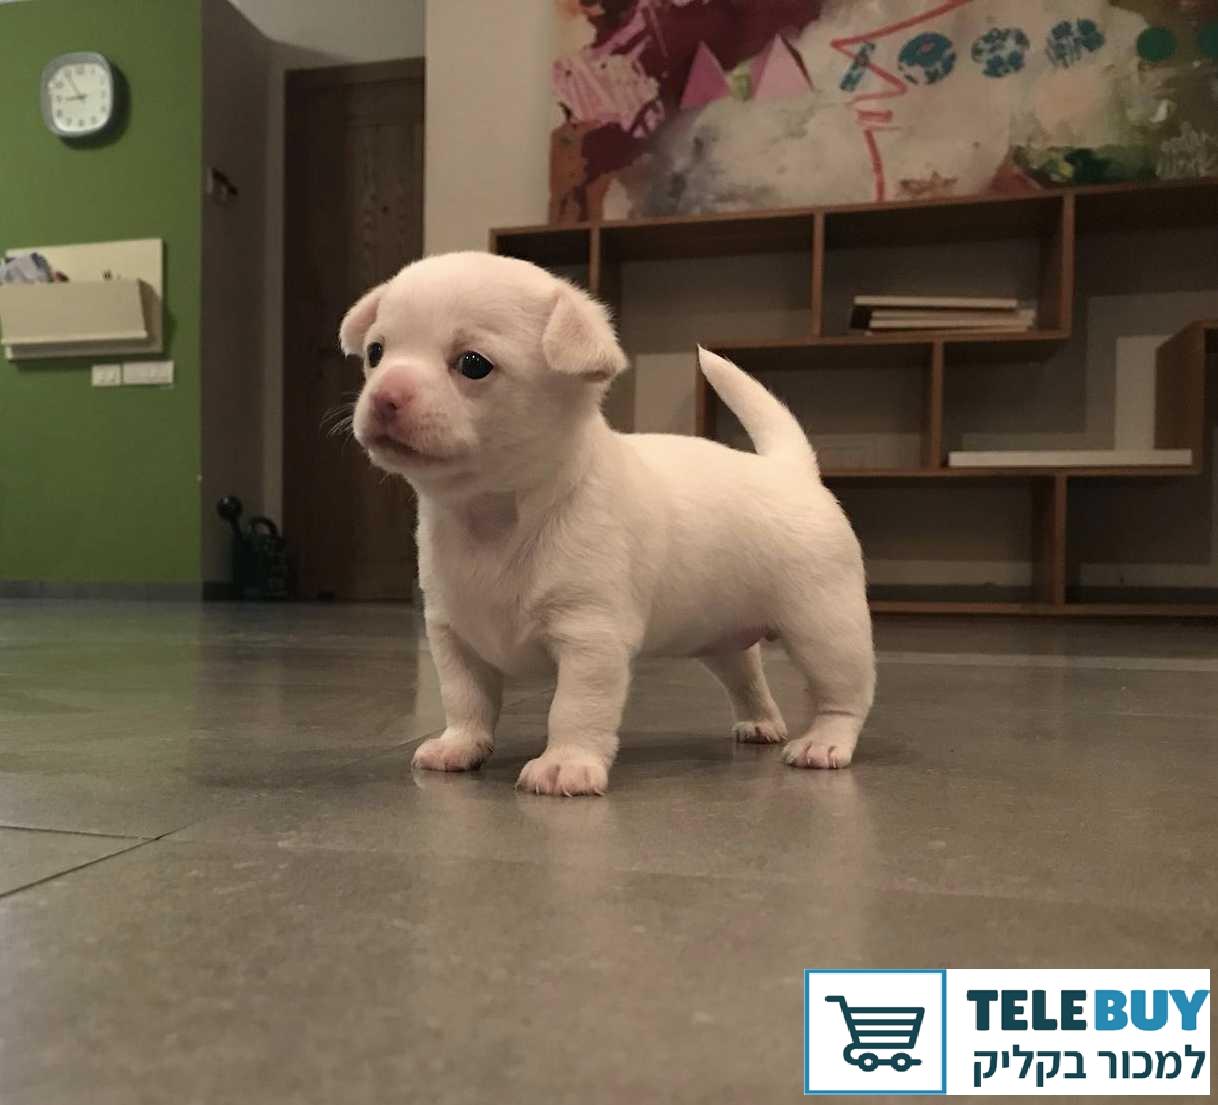 הוראות חדשות לוח חיות מחמד » TeleBuy VB-38